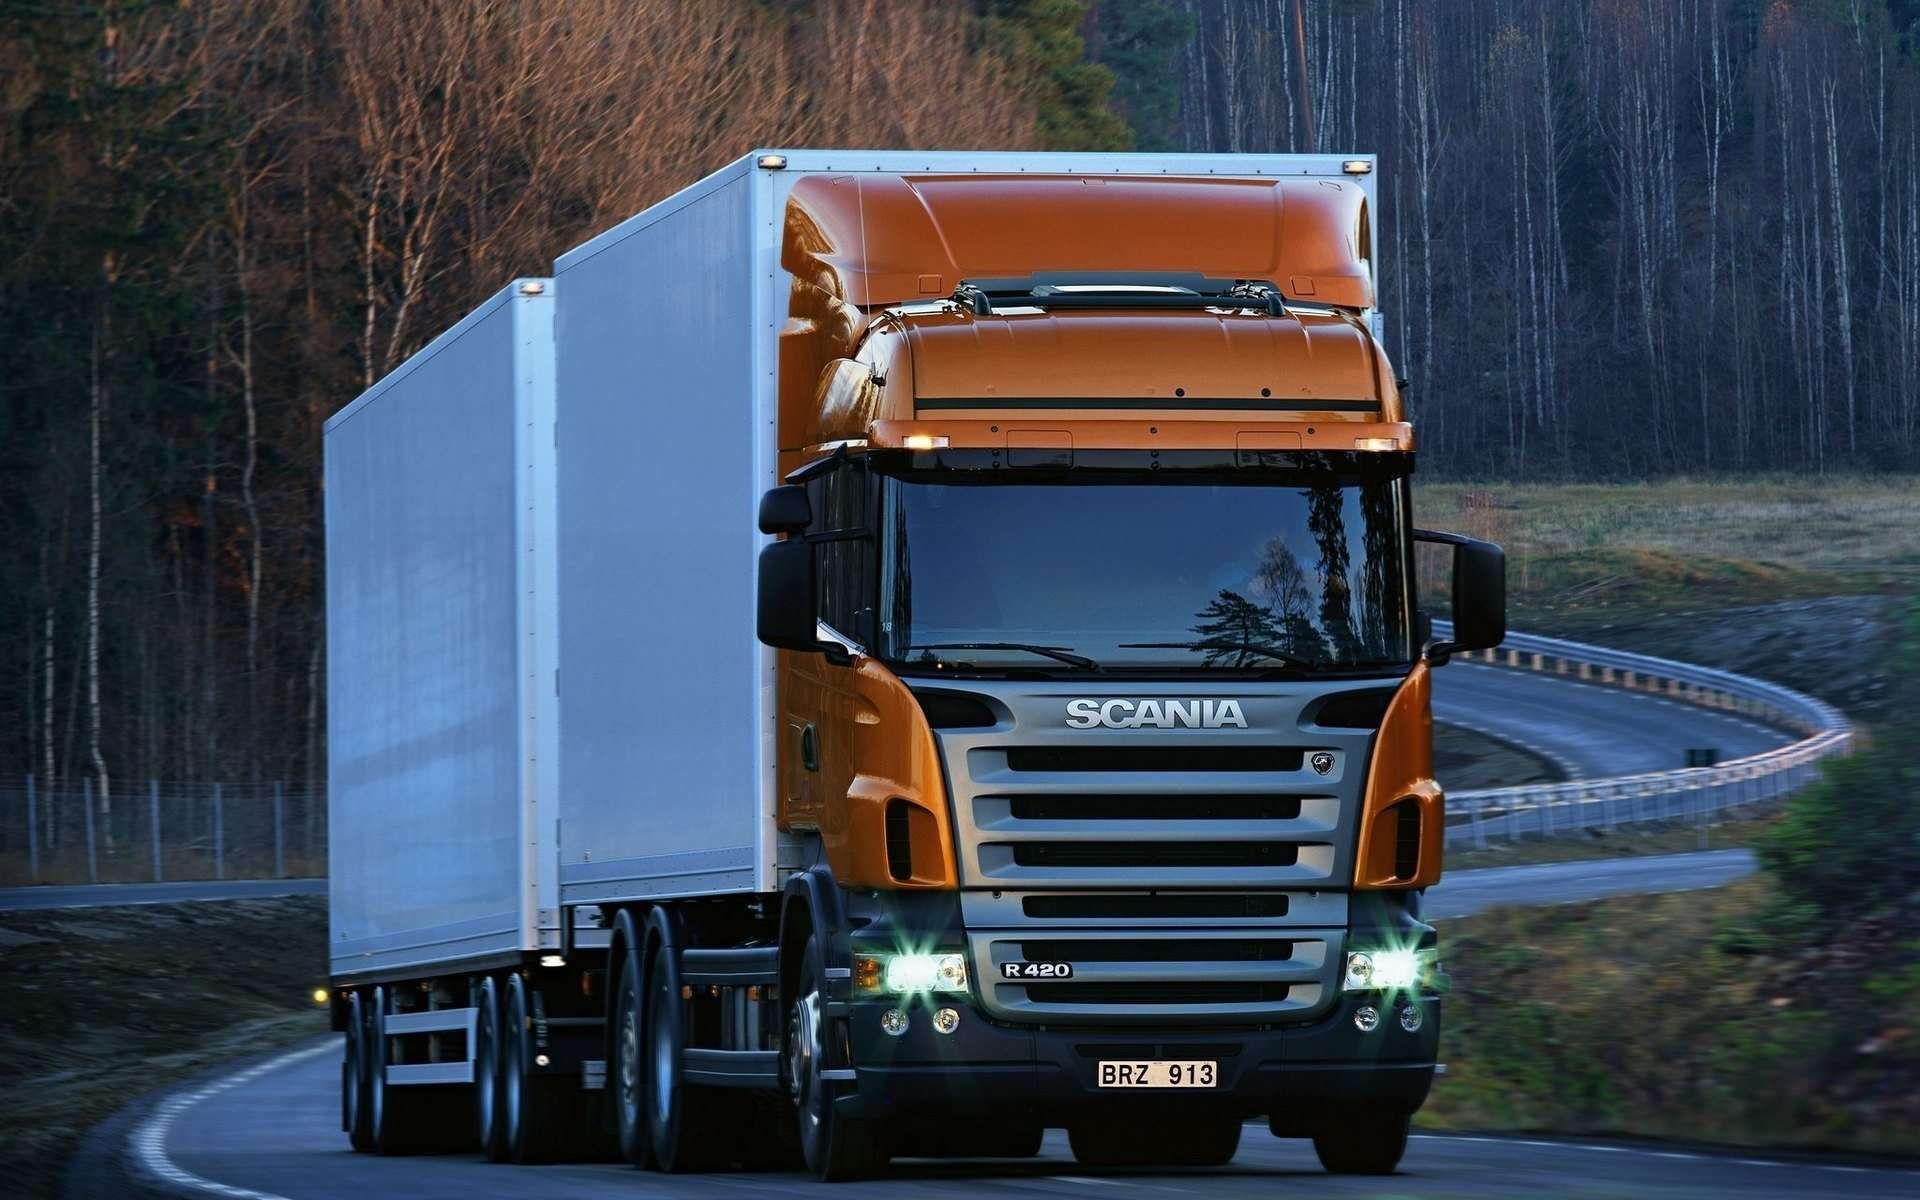 Heavy scania truck